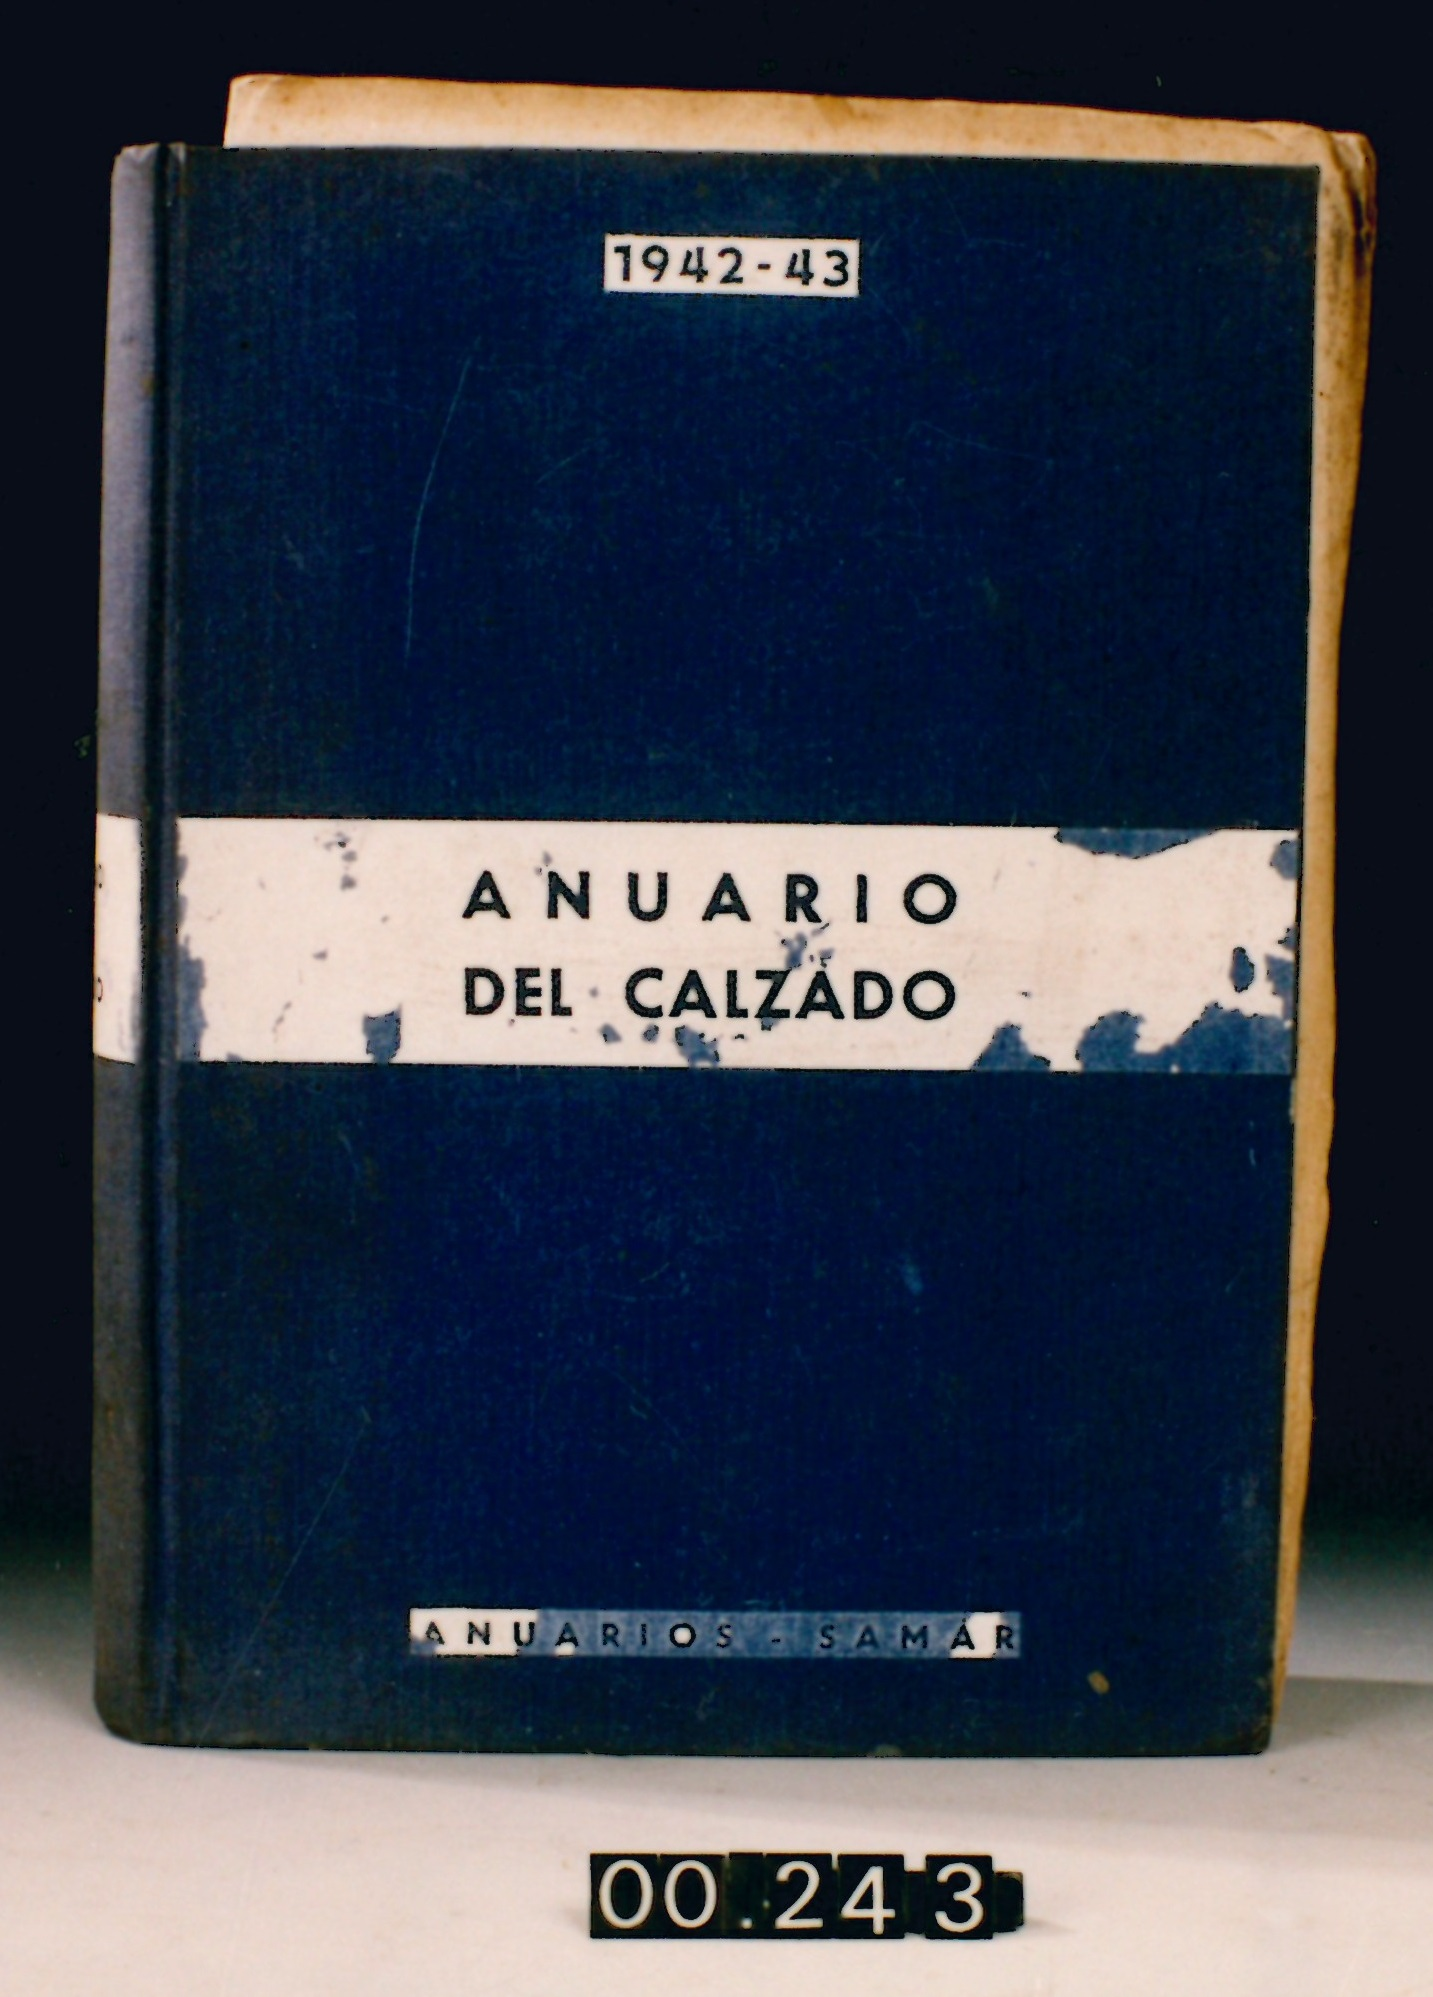 Anuario del Calzado